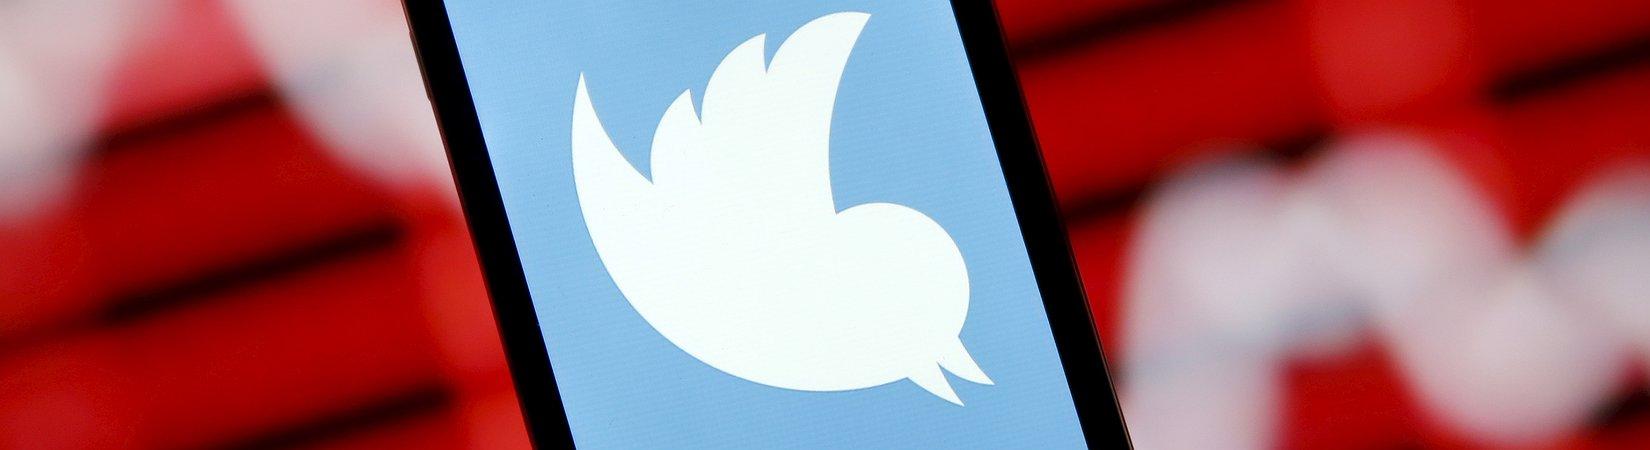 Um Twitter steht es schlecht, und das ist gut.